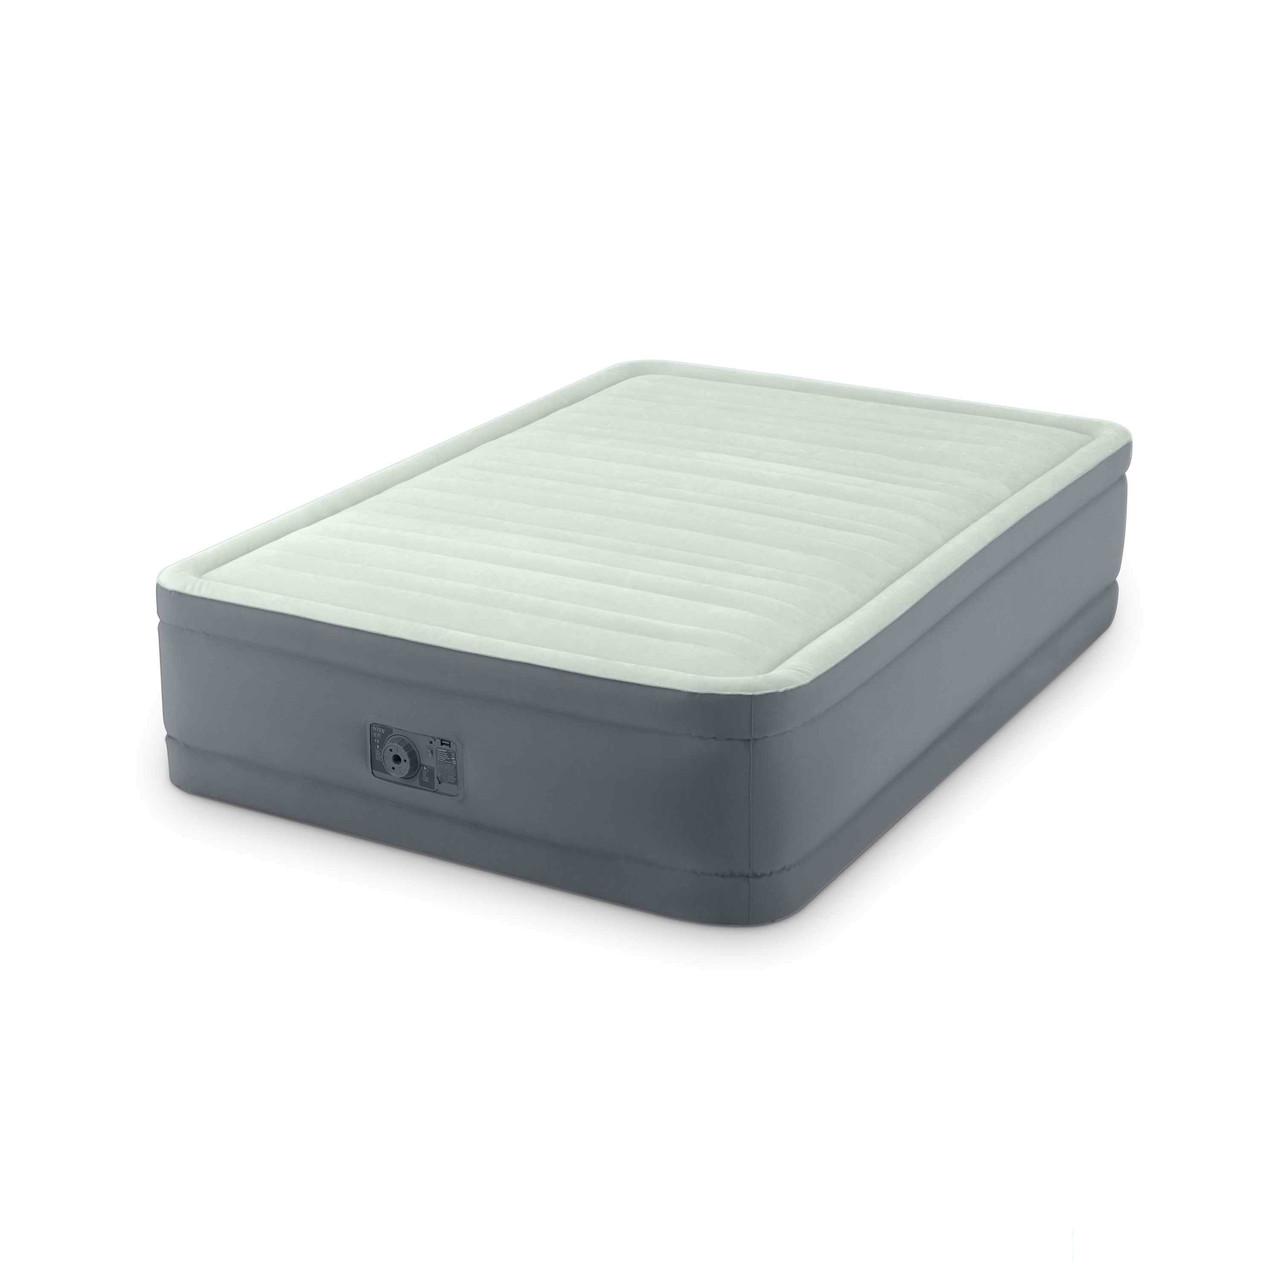 Двухспальная надувная флокированная кровать Intex 64904 со встроенным насосом 220V (191*137*46 см)